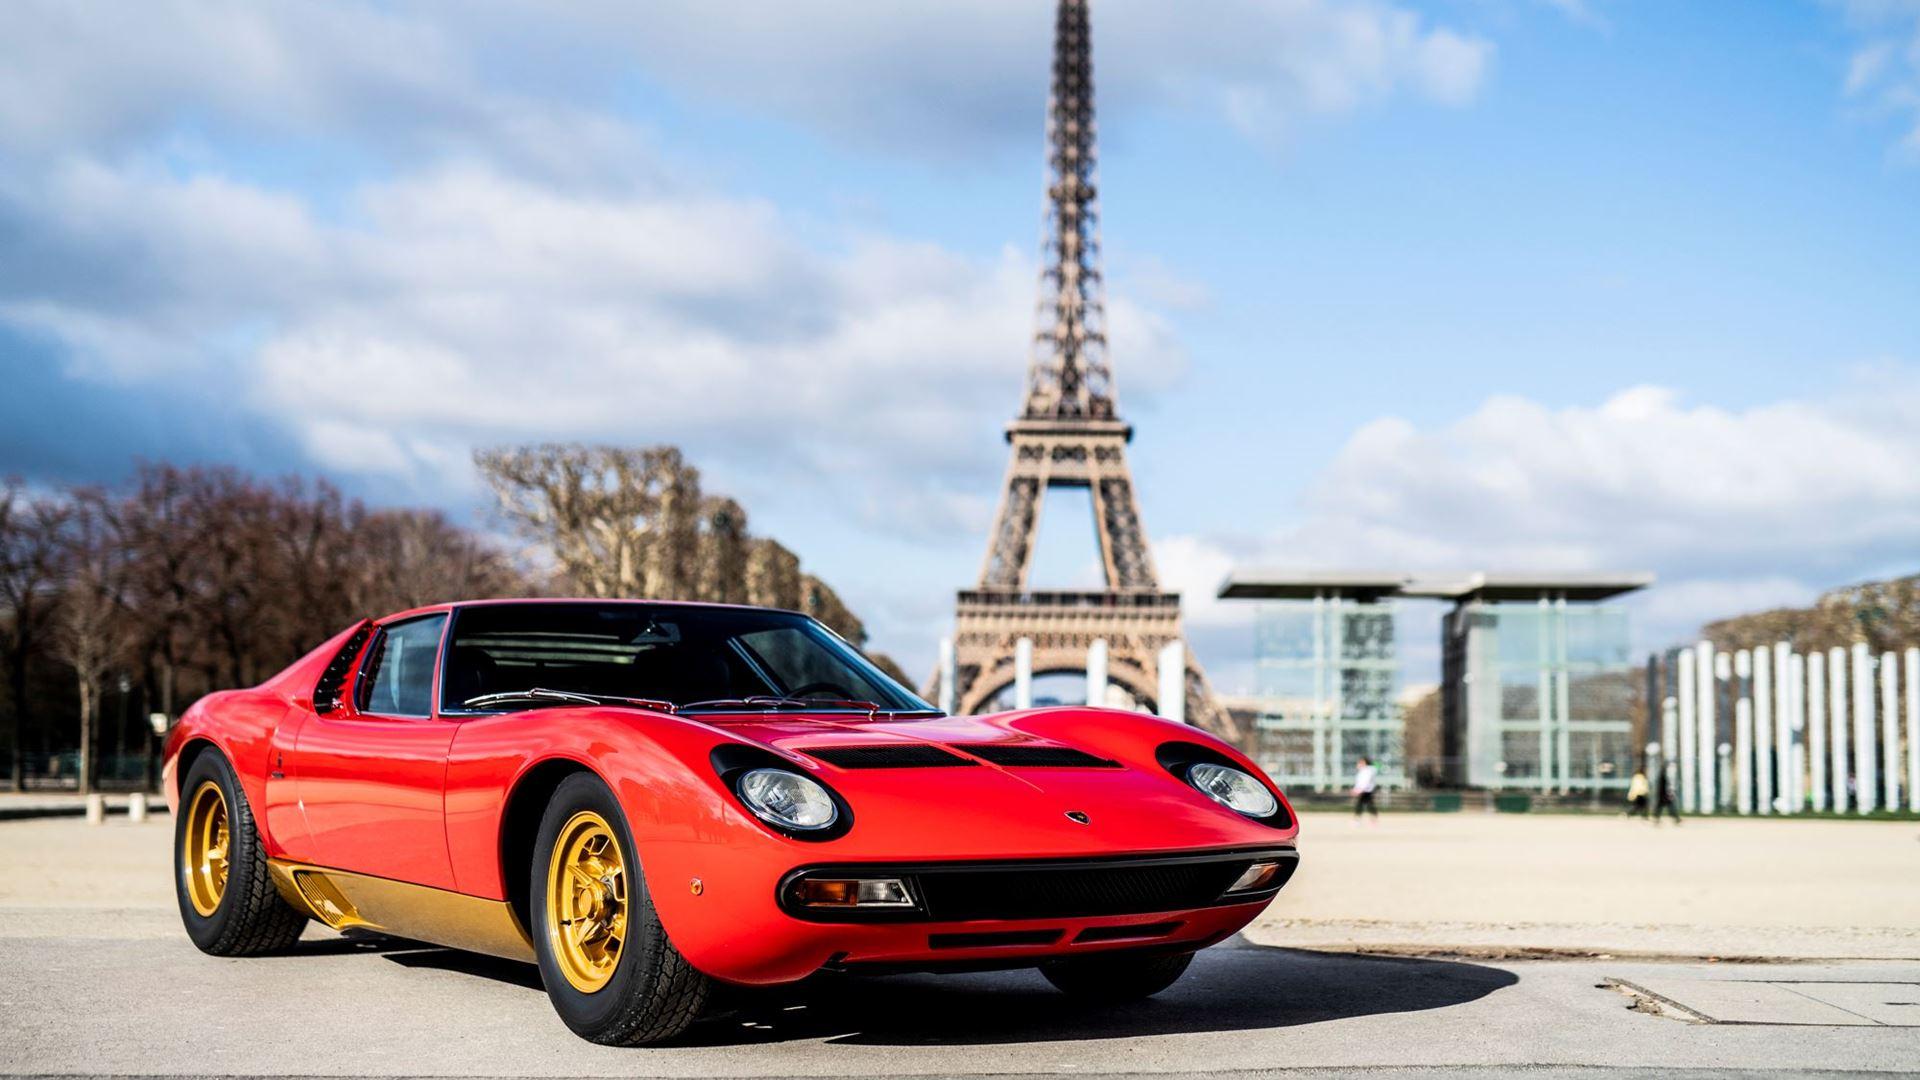 Lamborghini Miura SV turns 50 in 2021 - Image 7